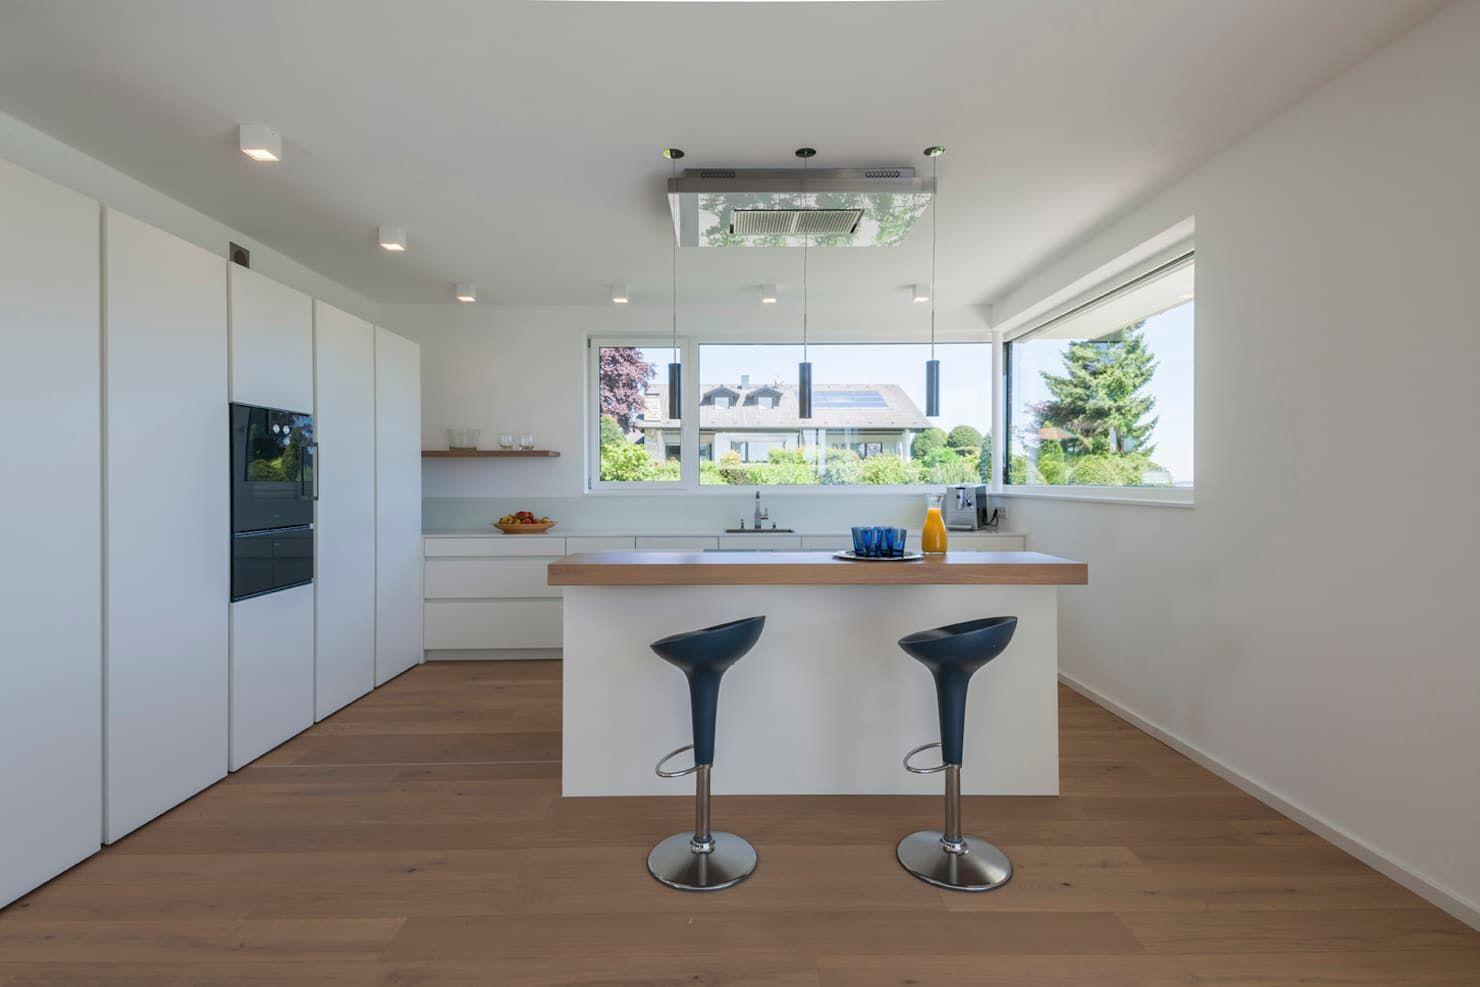 Kuche Von Mfg Gmbh Fronten Hpl Schichtstoff Und Eiche Furniert Arbeitsplatte In Hpl Platte Durchgefarbt Design